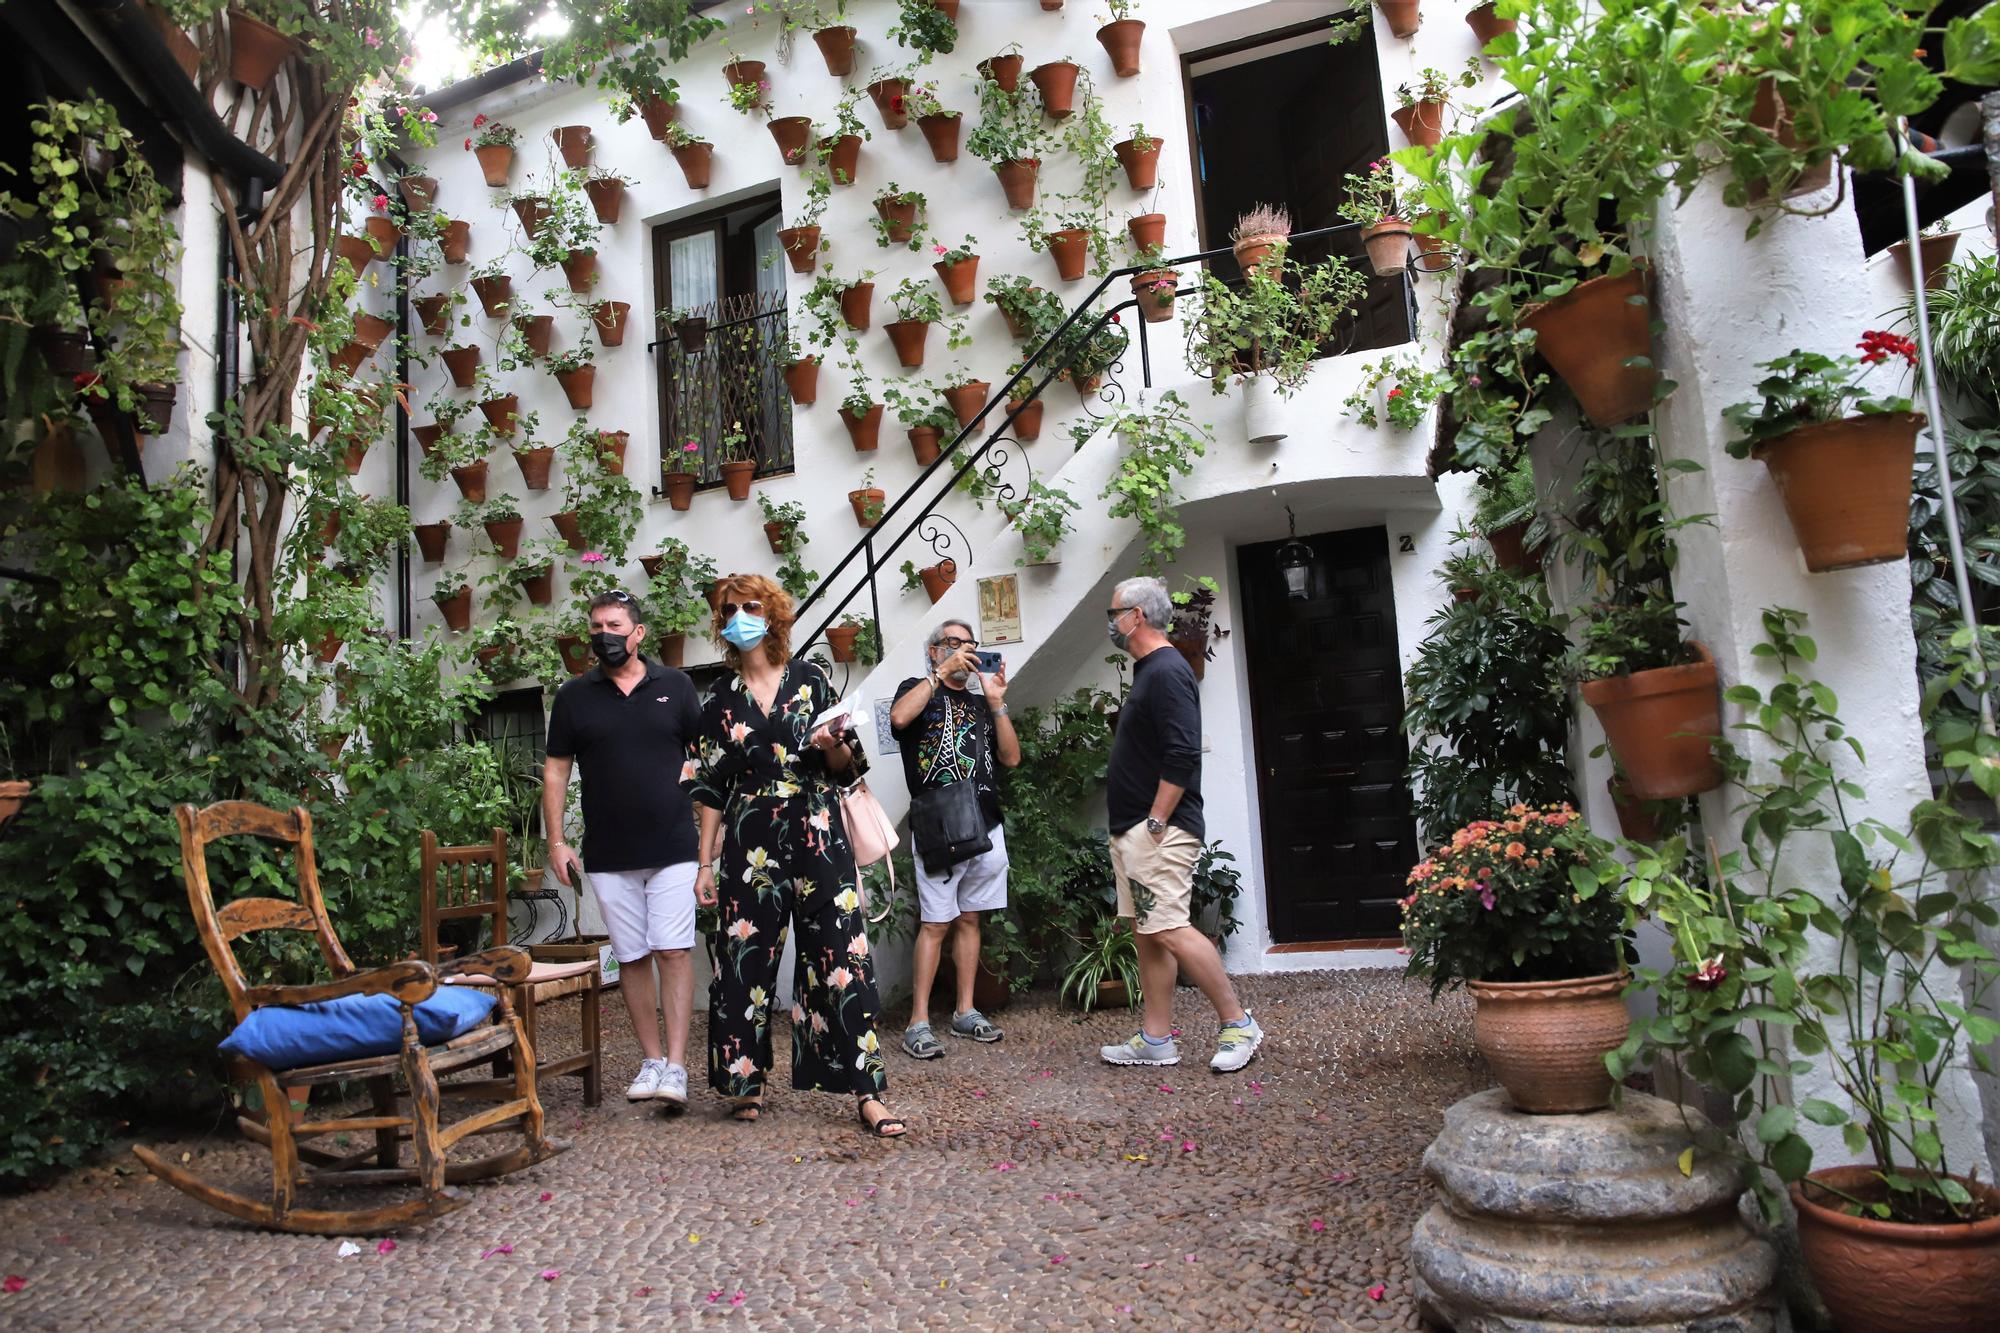 Los patios de otoño y Flora animan el fin de semana en Córdoba